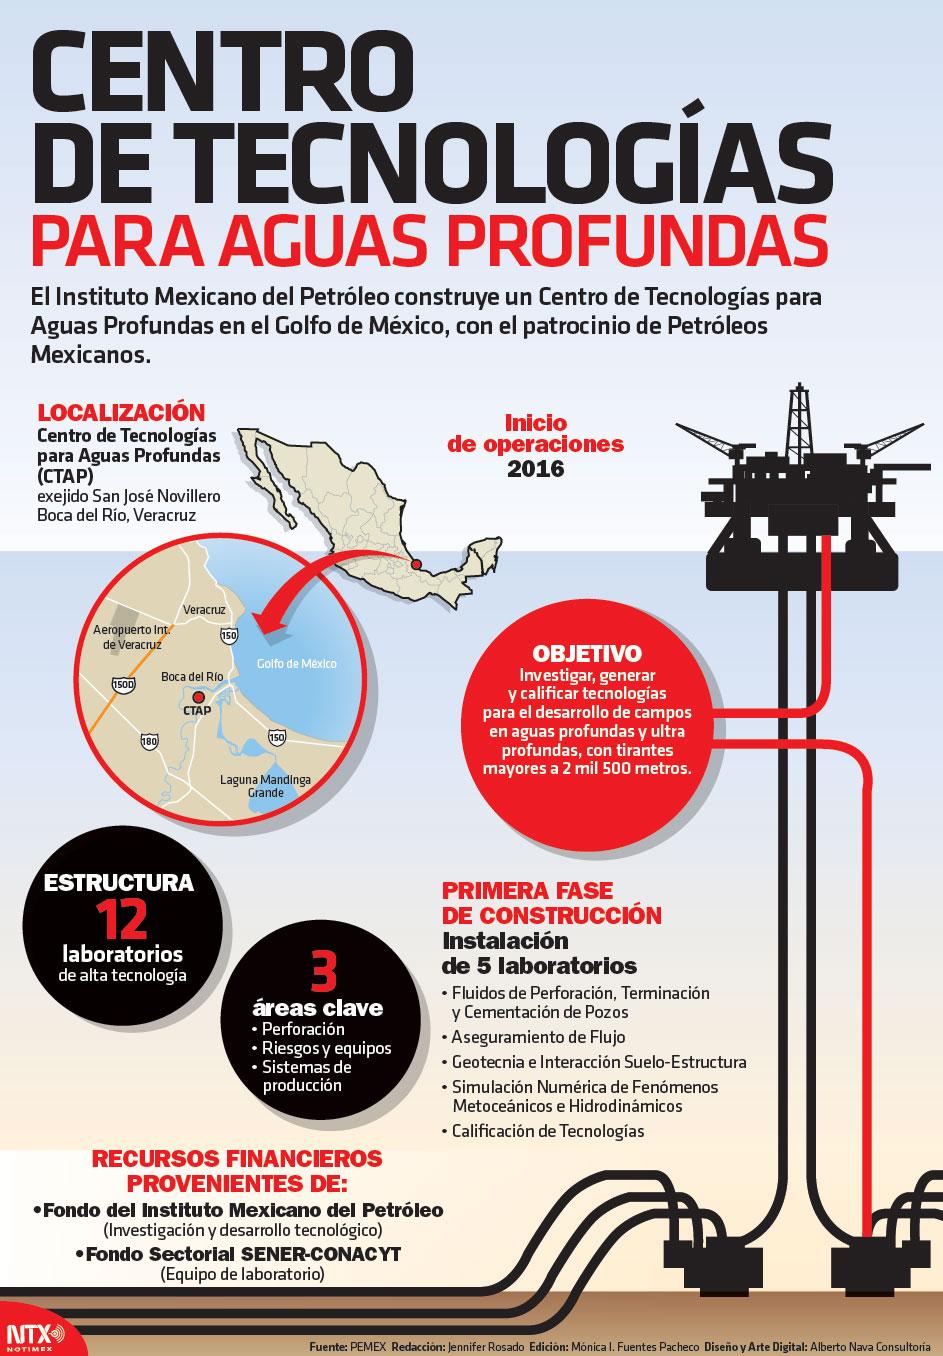 Centro de Tecnologías para aguas profundas